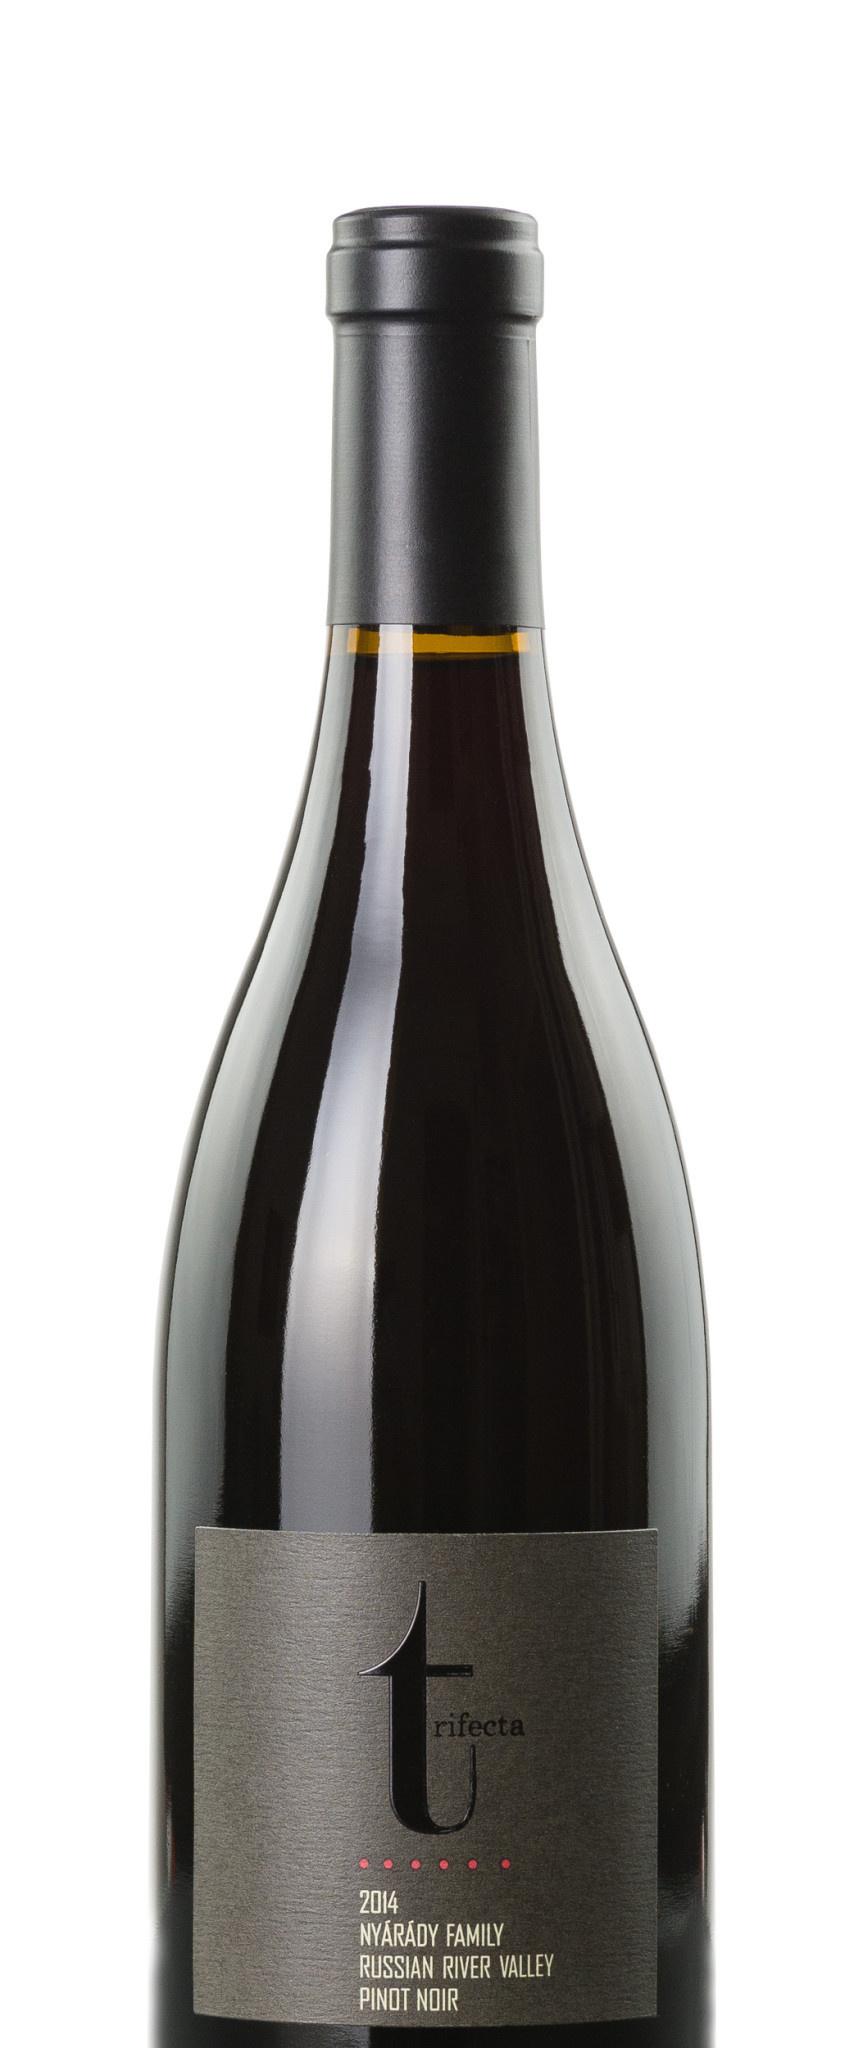 Trifecta Pinot Noir Russian River Valley 2014 - 750ml